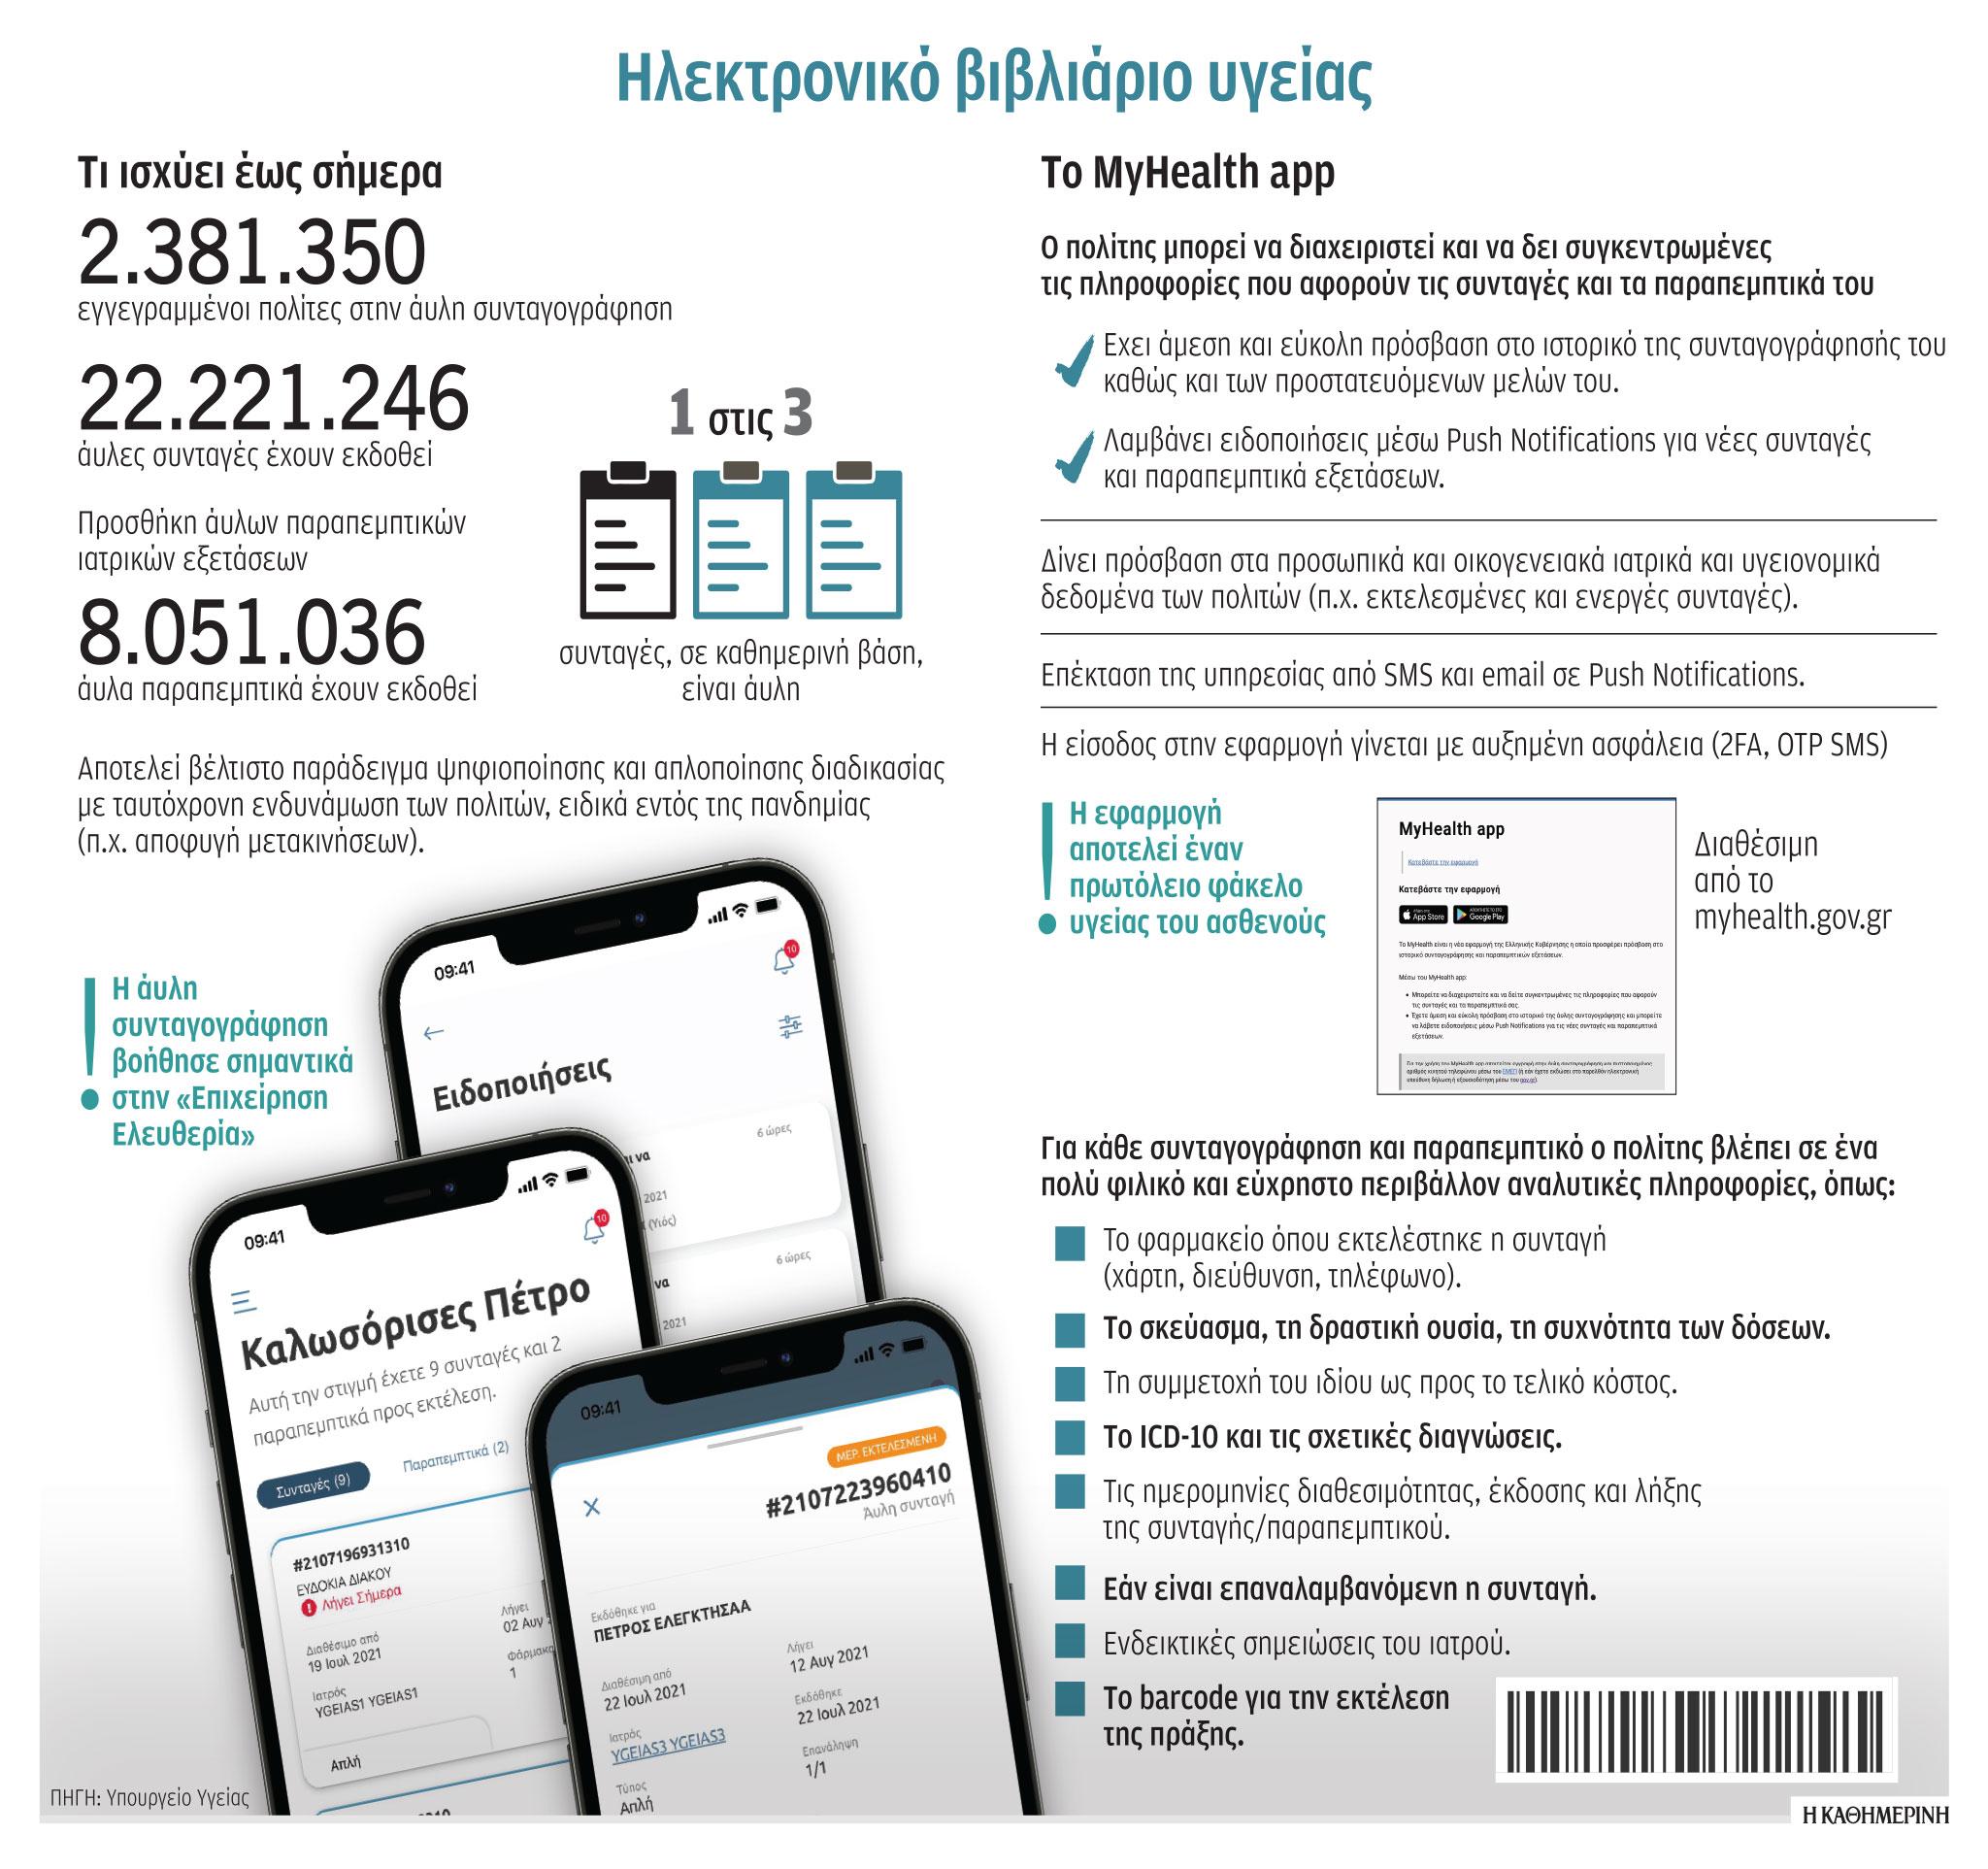 myhealth-ygeionomiko-profil-me-ena-klik1